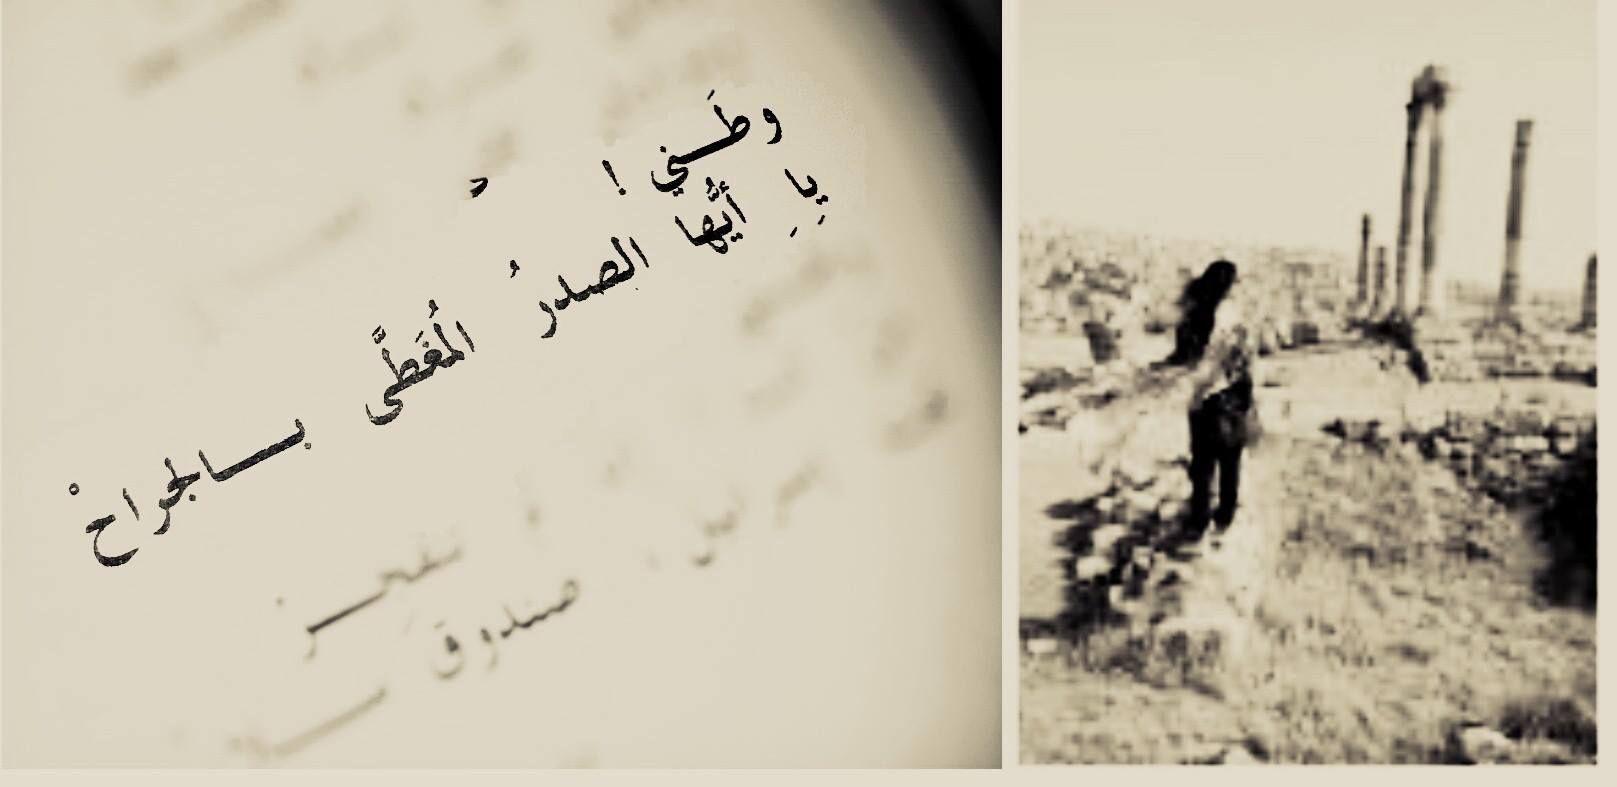 نزار قباني قصيدة تعريف غير كلاسيكي للوطن Arabic Arabic Calligraphy Calligraphy